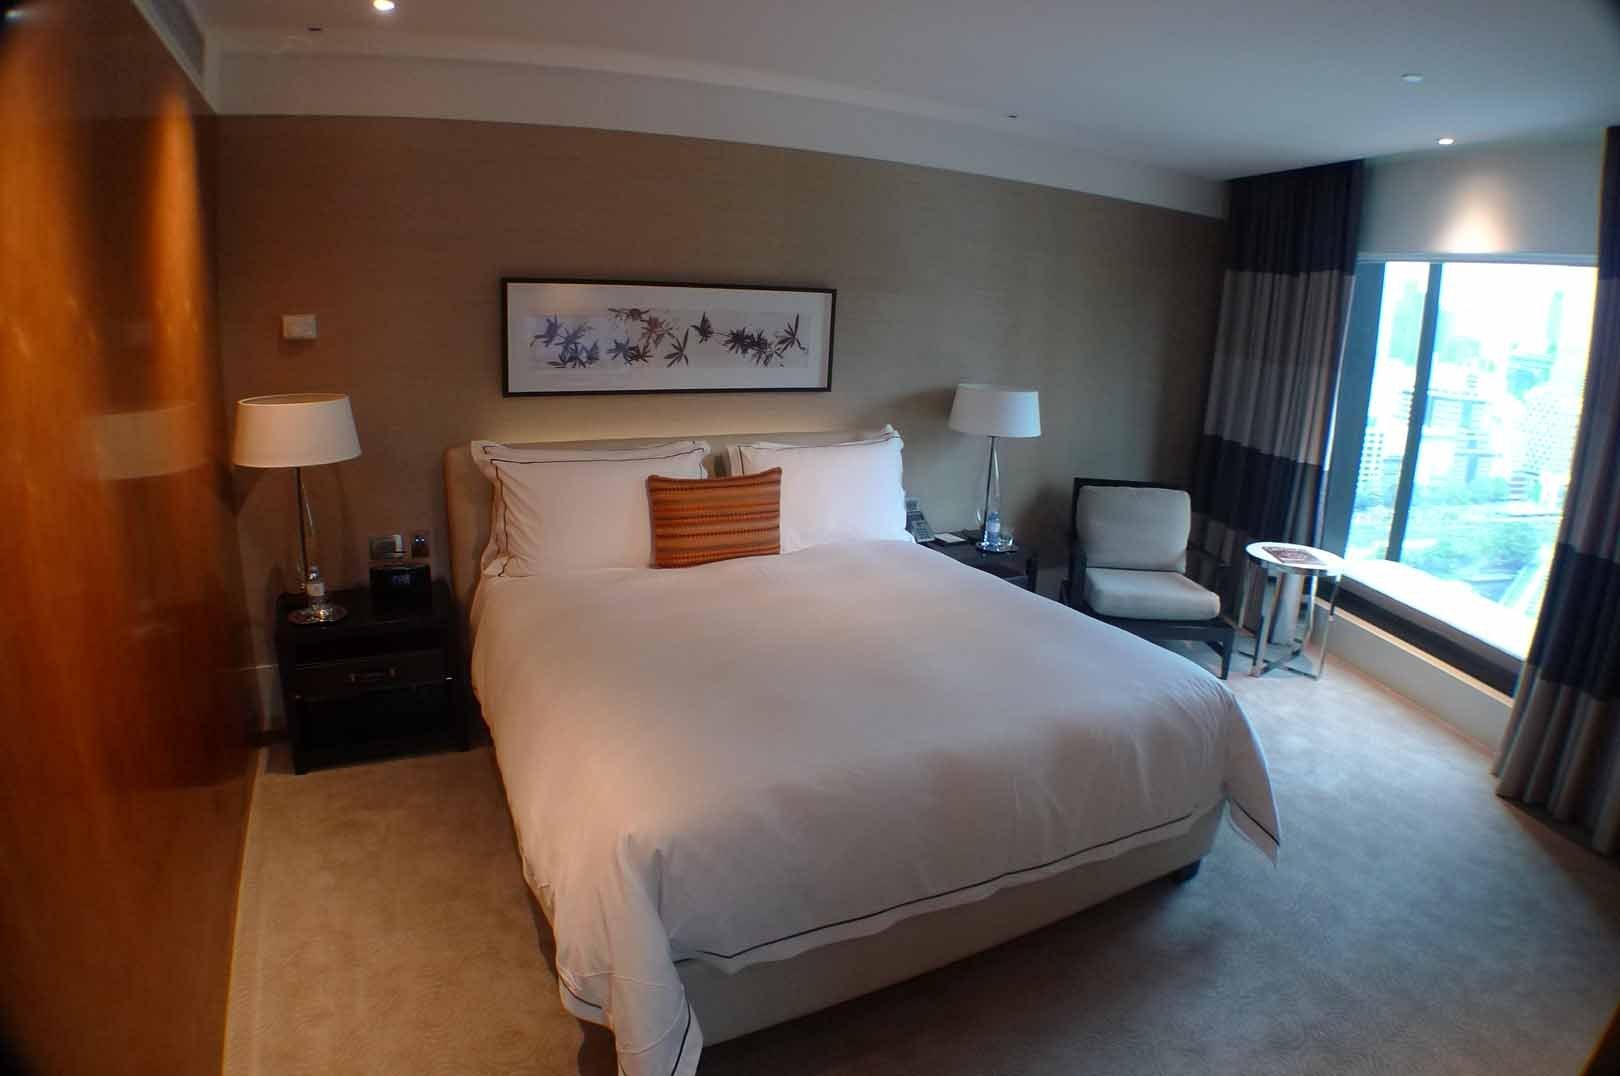 Melbourne_Hotels_Slideshow_001